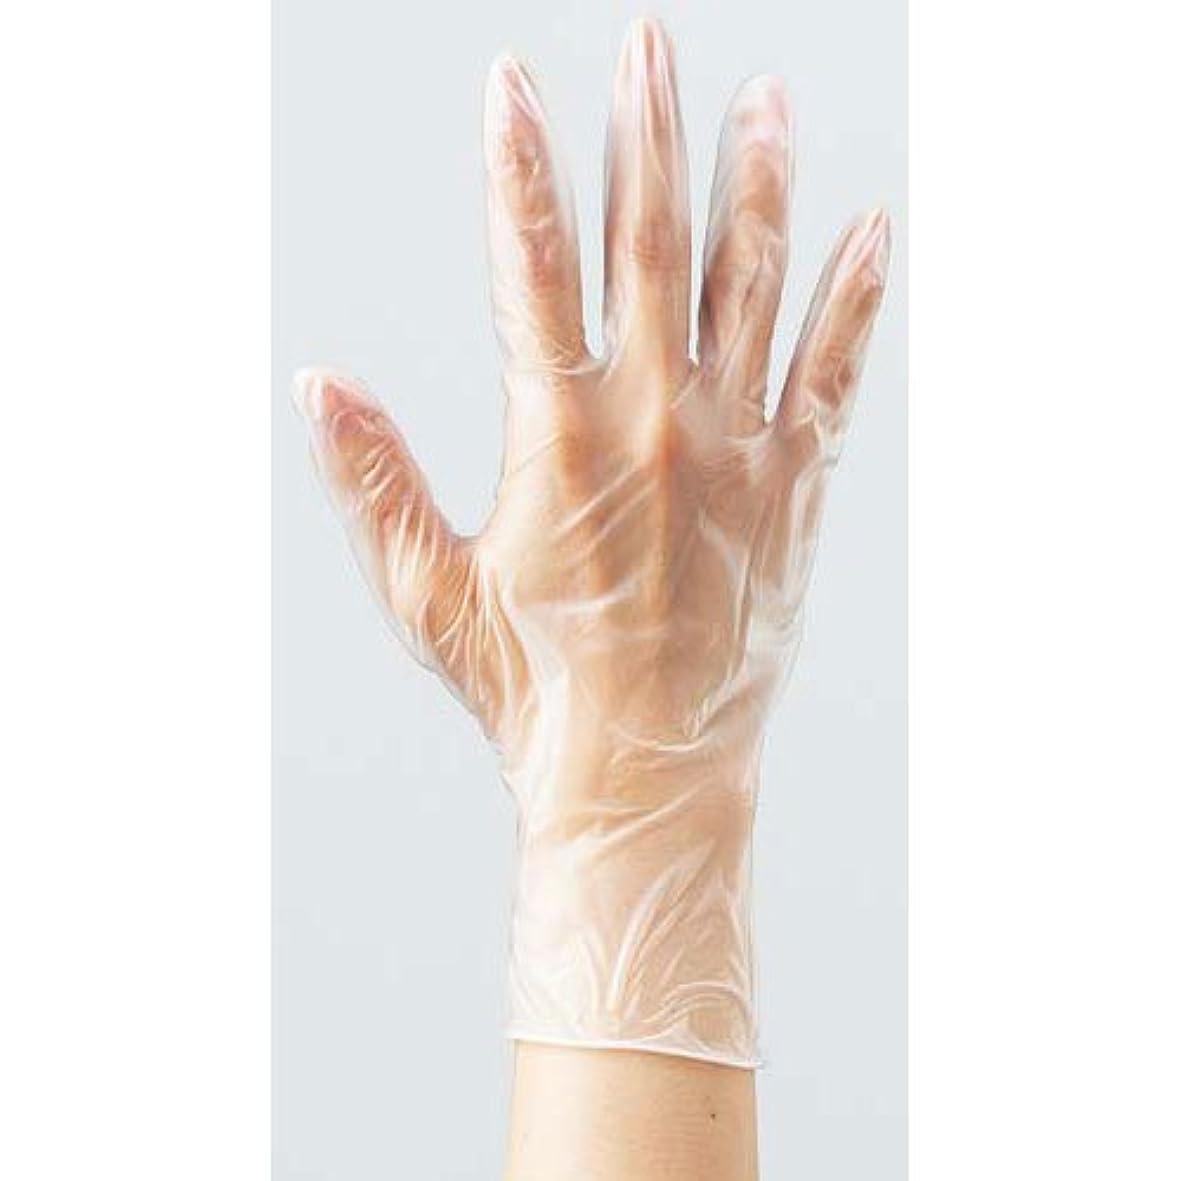 敵対的敵対的グリルカウネット プラスチック手袋 袋入 粉無S 100枚×10